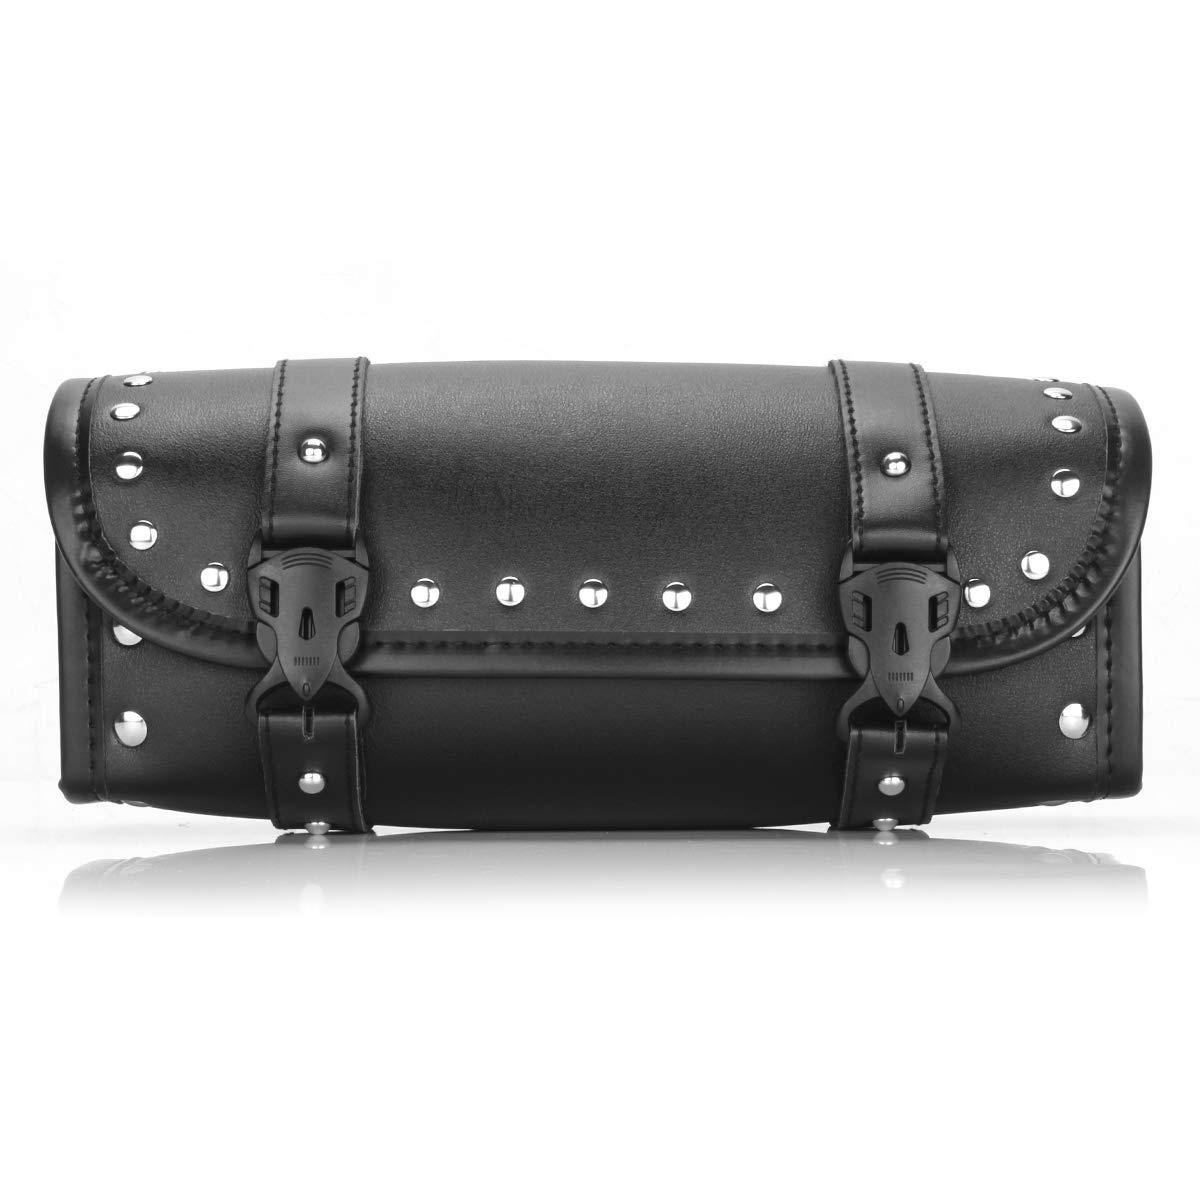 Motorcycle Tool Bag Saddlebags PU Leather Handlebar Bag Storage Tool Pouch Universal